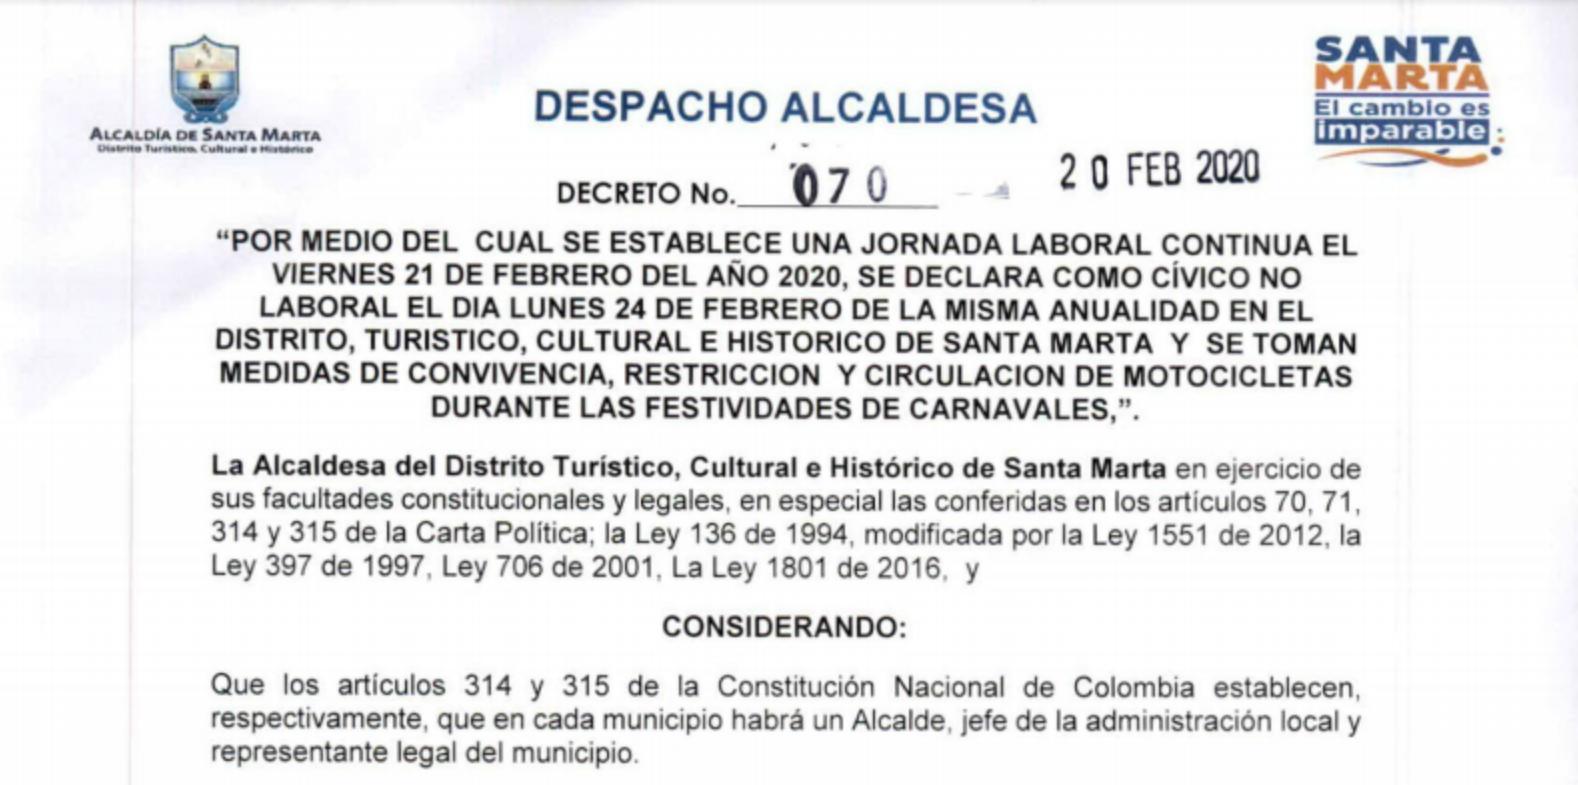 Gobierno Distrital decreta día cívico no laboral y restringe circulación de motocicletas para los días del Carnaval